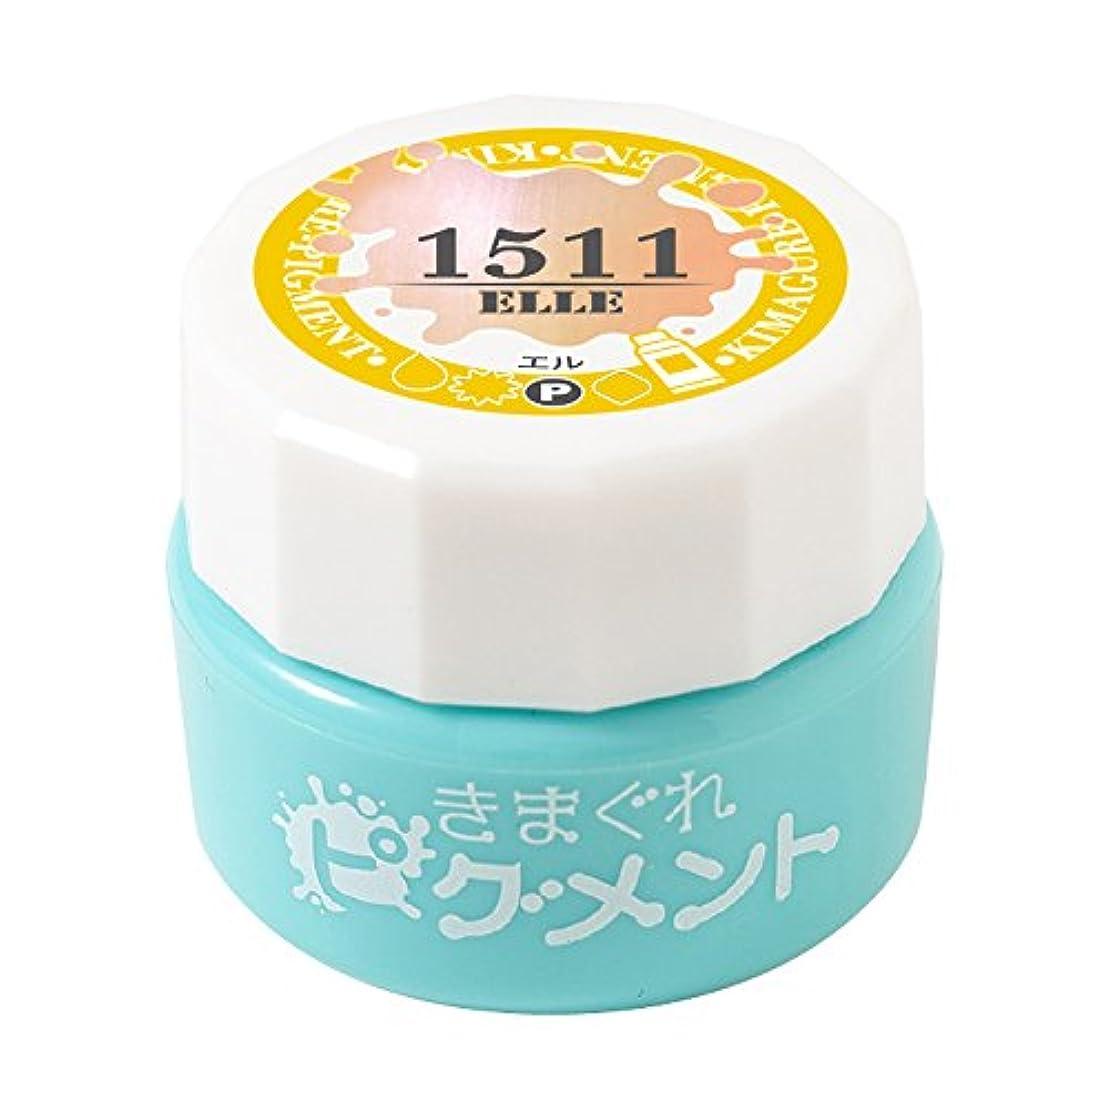 自己尊重少なくとも麻酔薬Bettygel きまぐれピグメント エル QYJ-1511 4g UV/LED対応